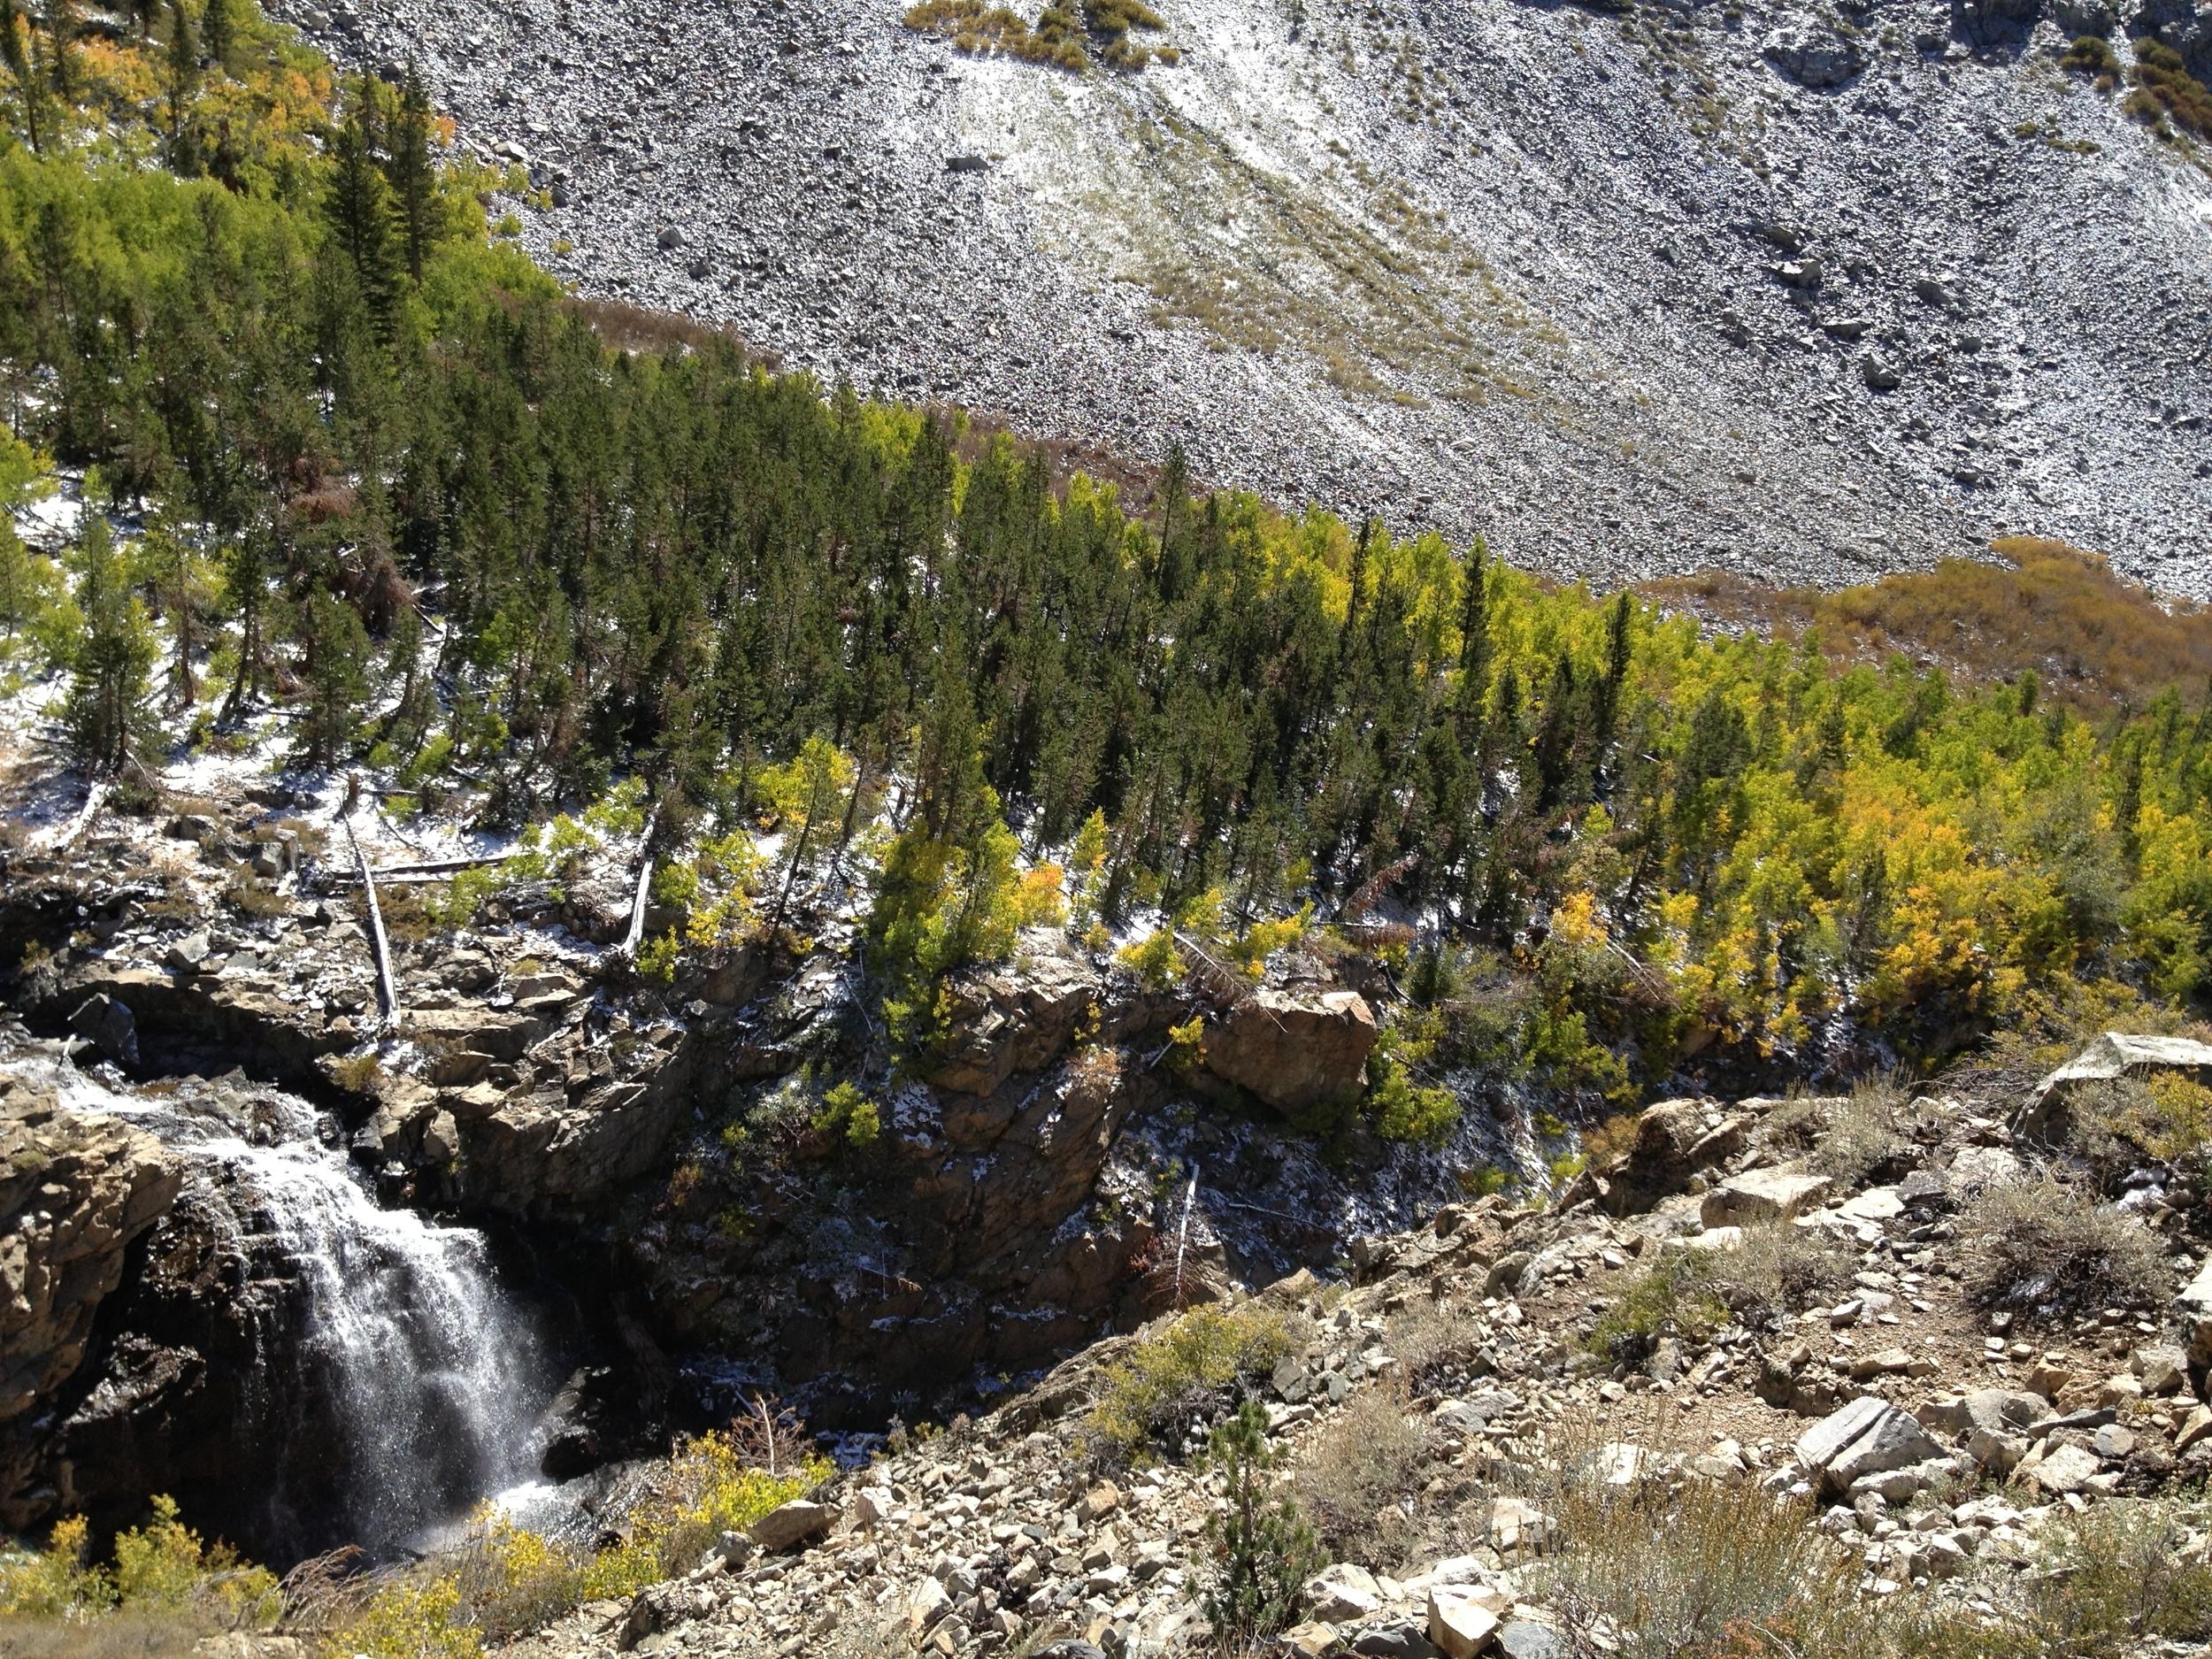 Woods Creek Cascade